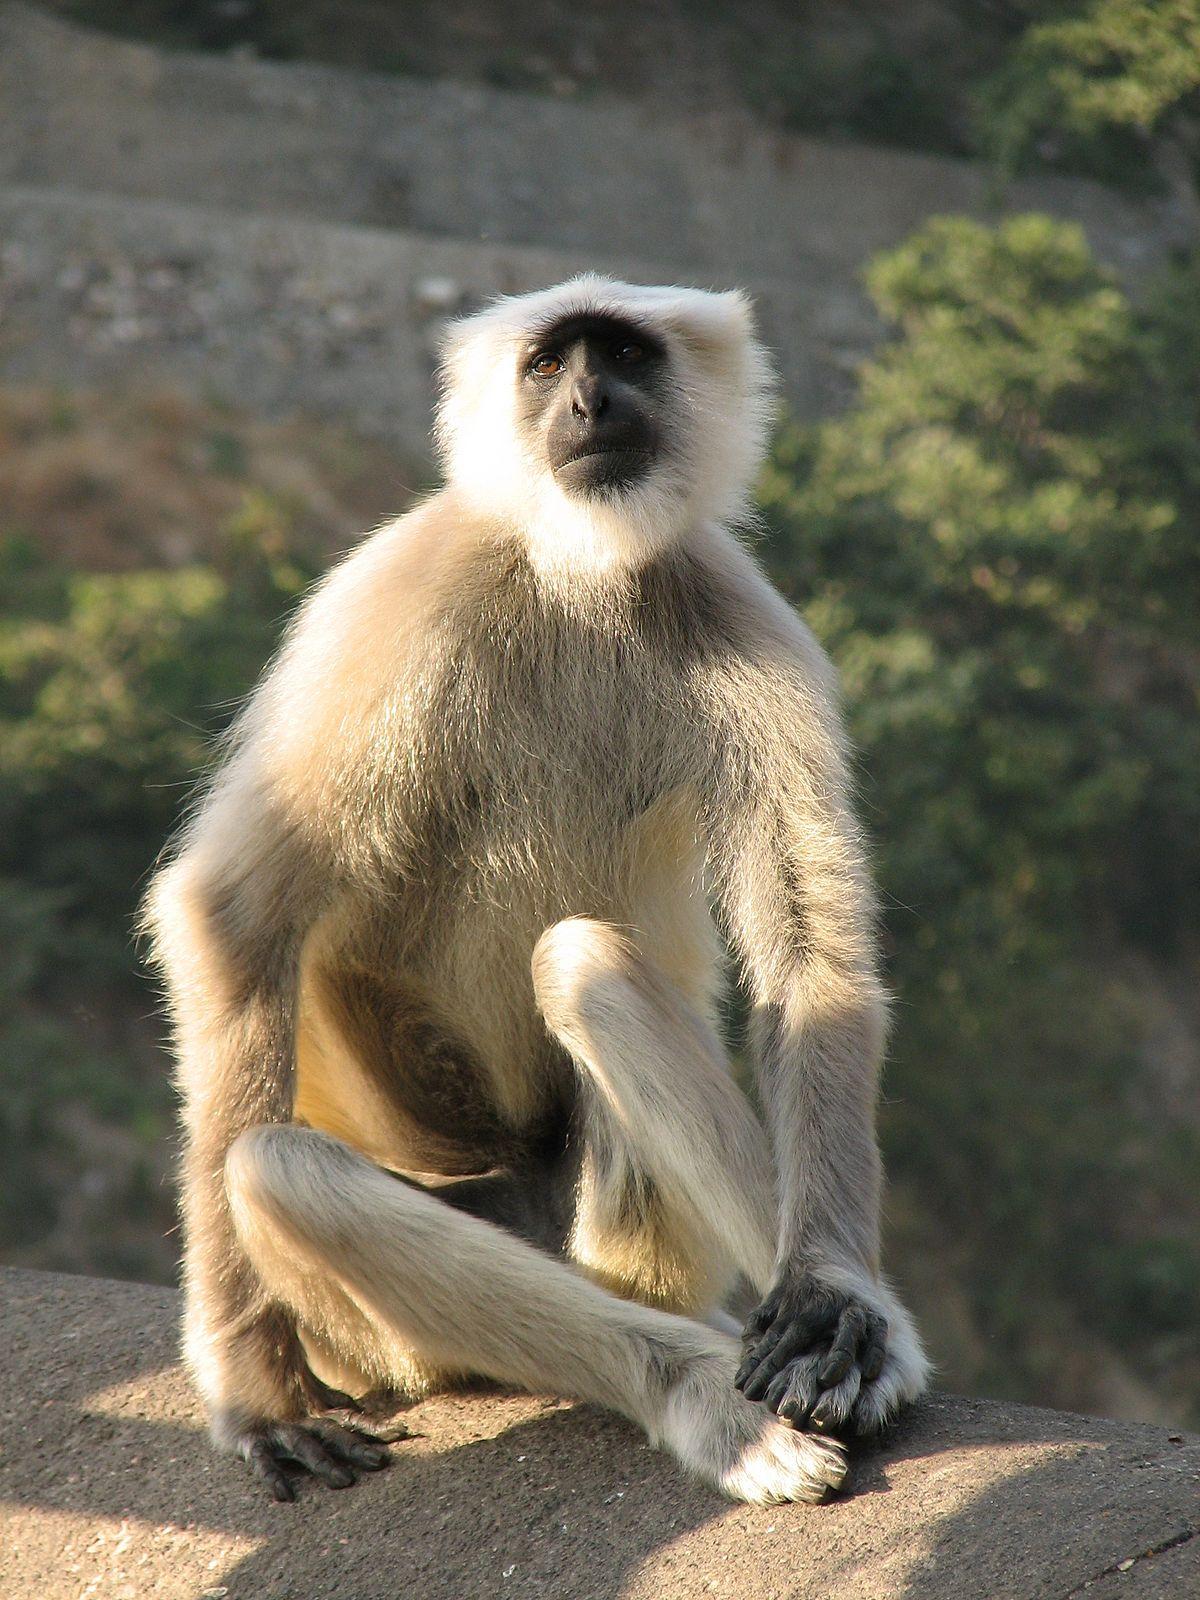 India – 12 napos csecsemőt gyilkolt egy majom